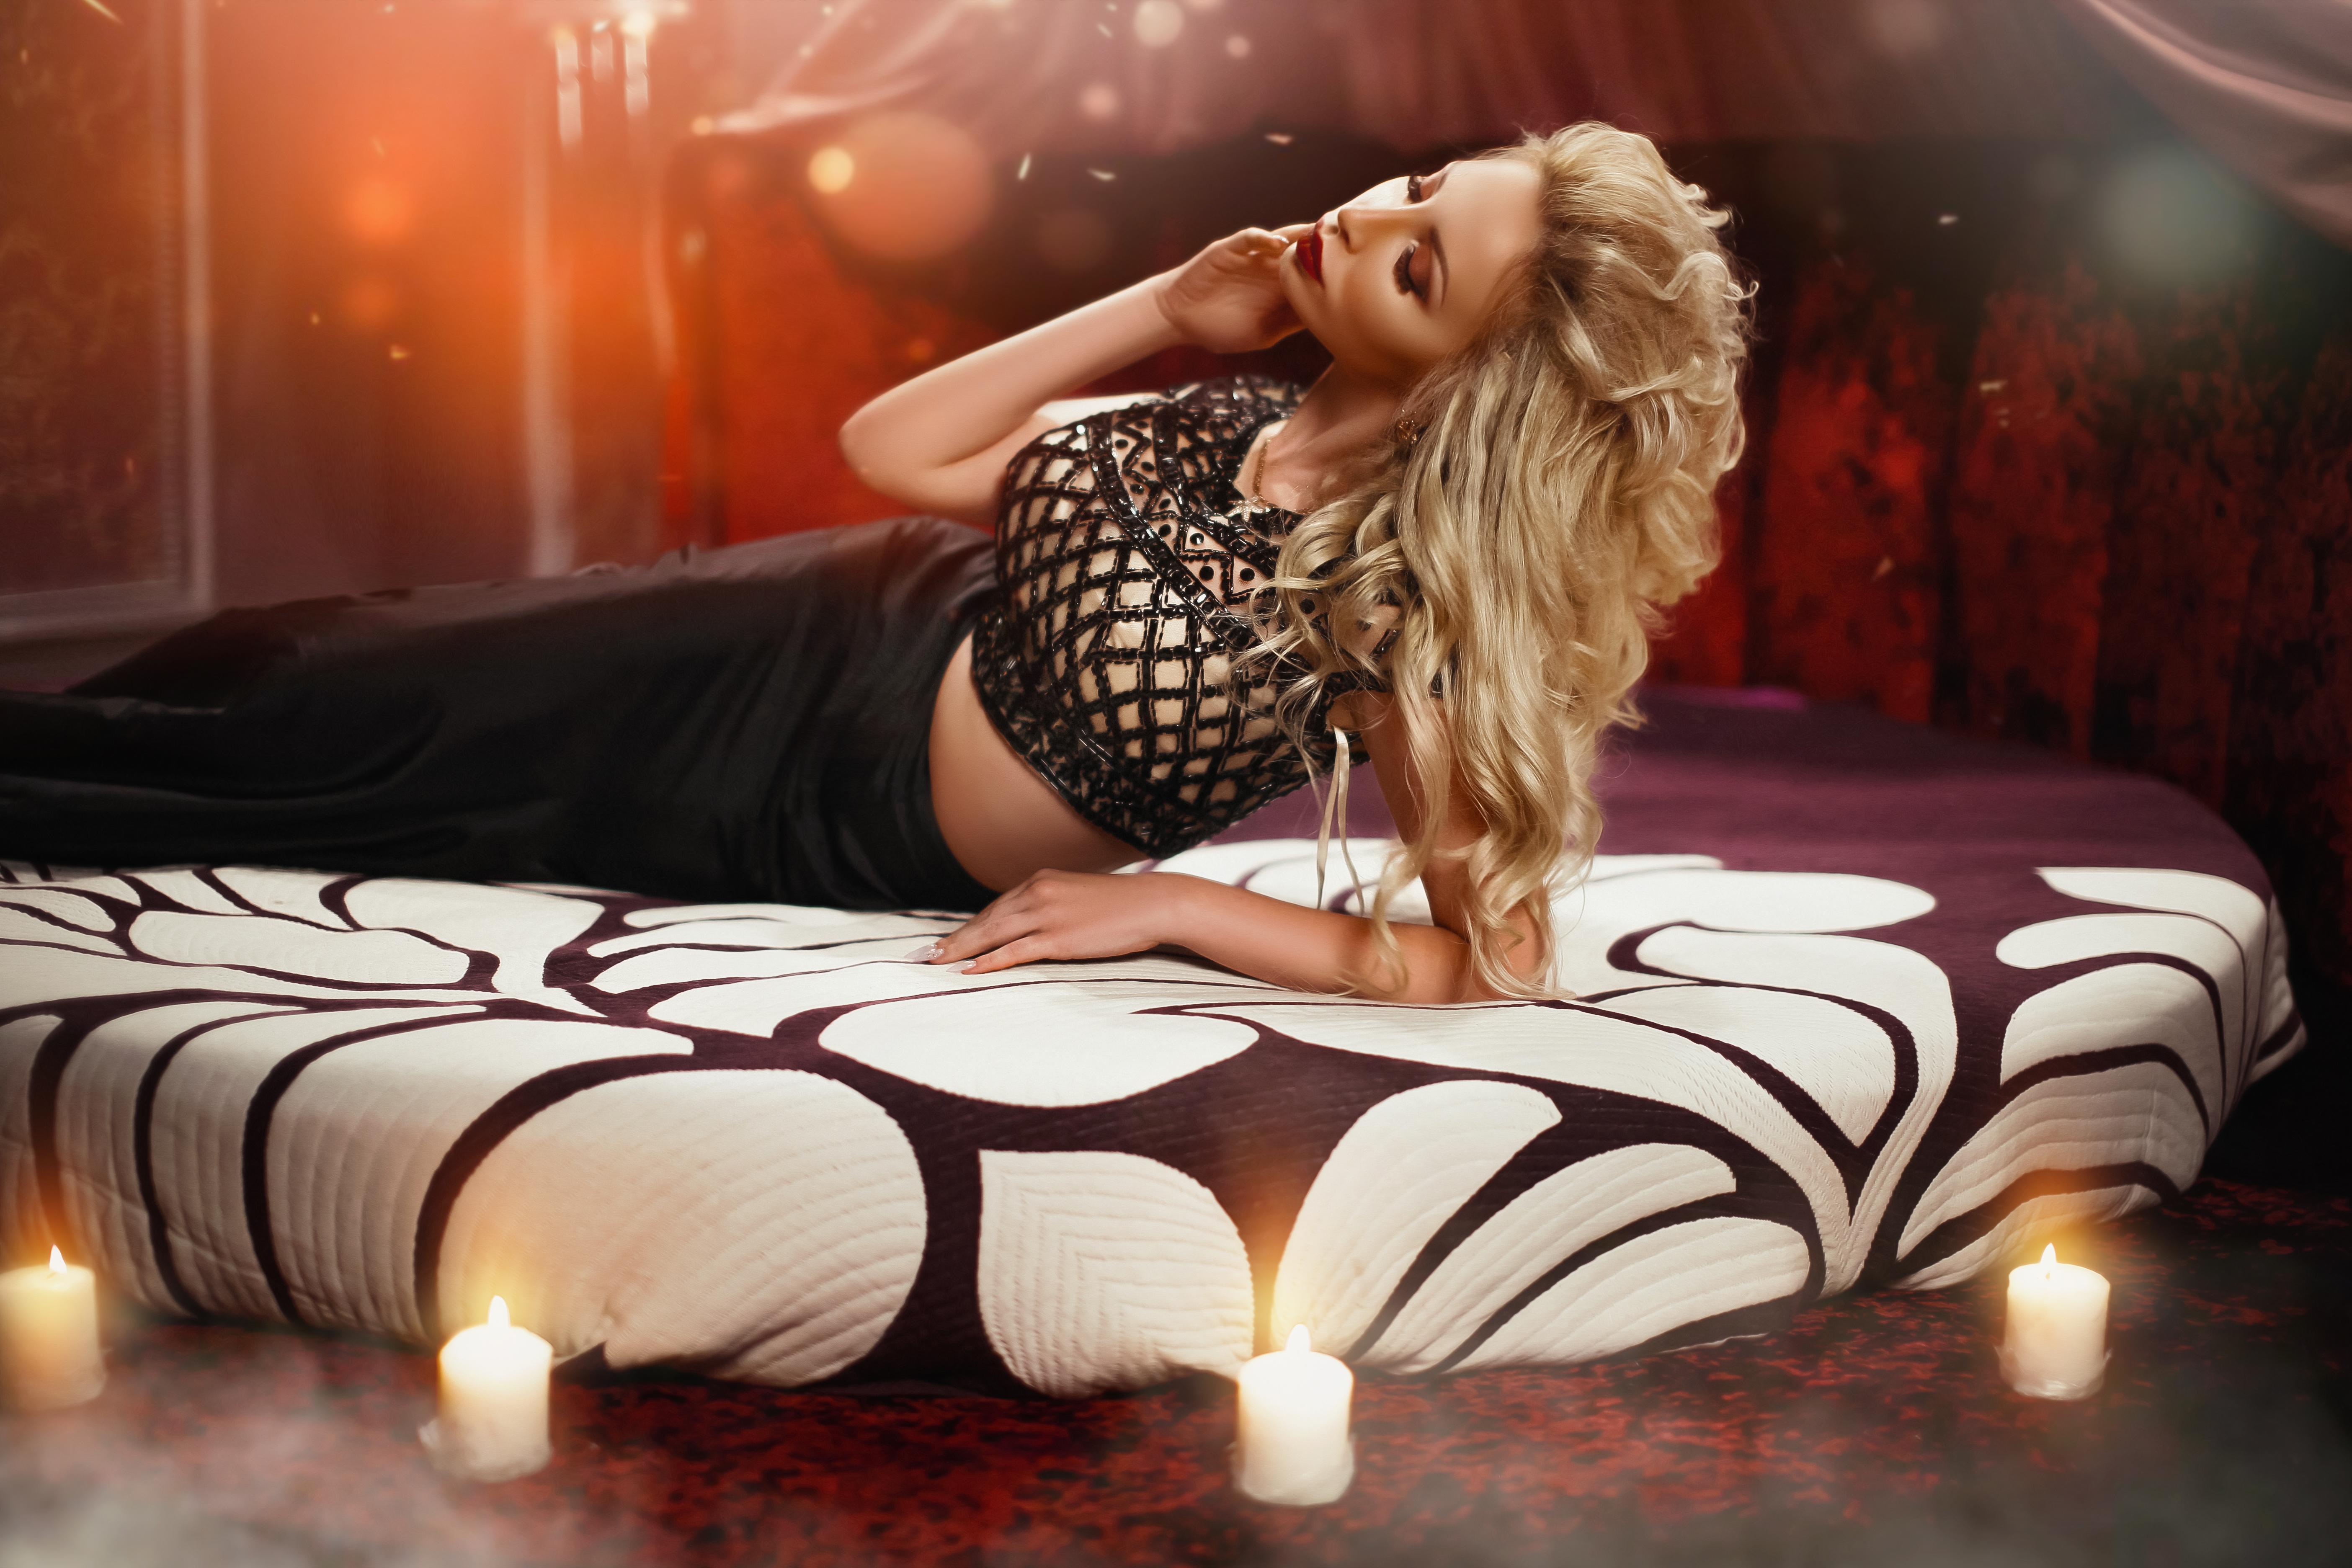 красивая блондинка на кровати при свечах